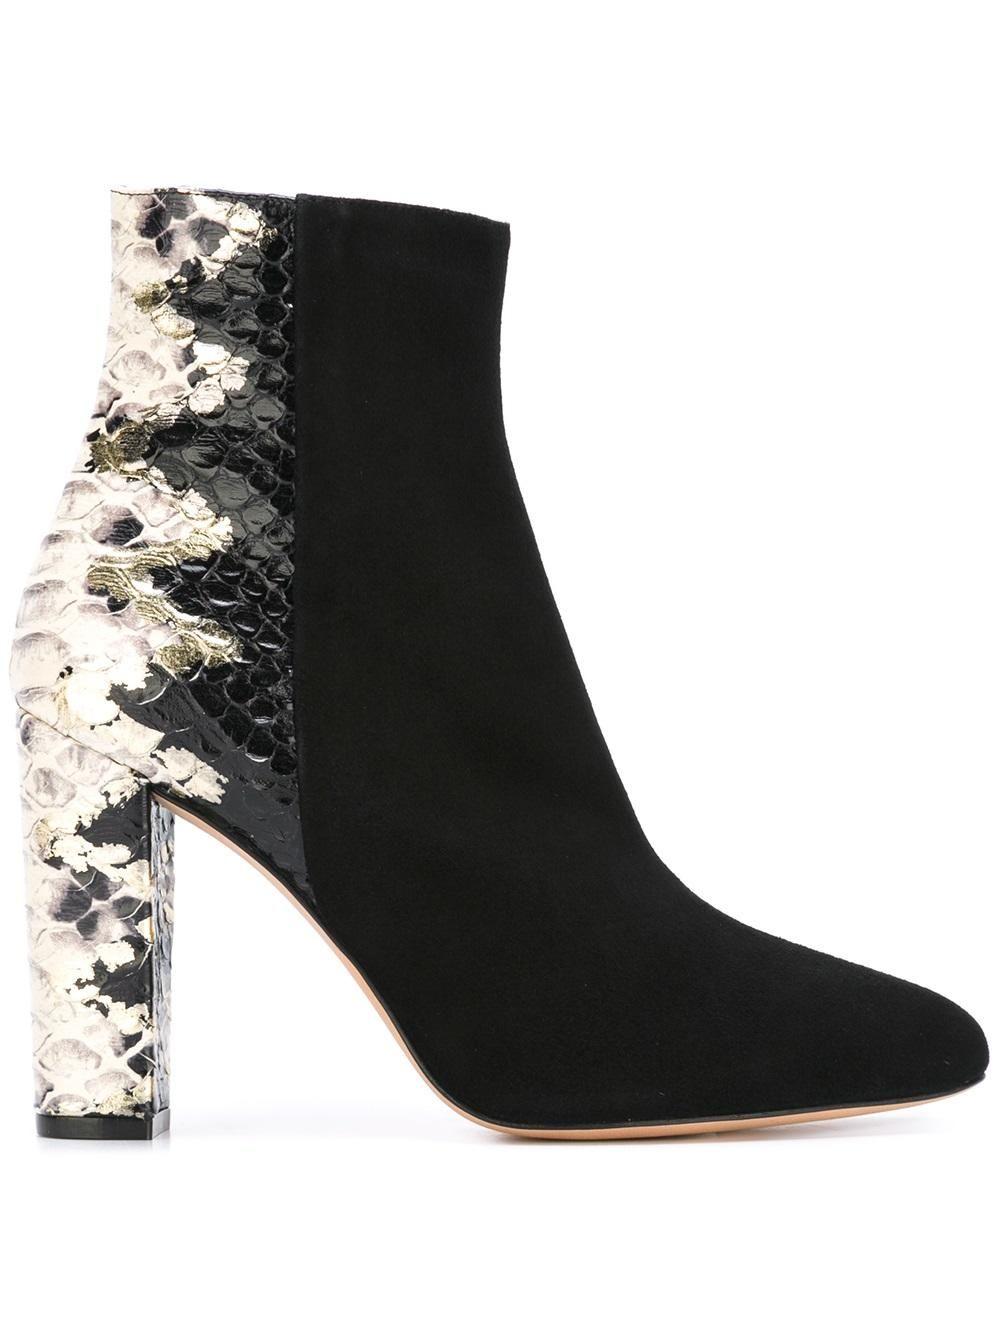 Günstig Kaufen Footlocker SCHUHE - Ankle Boots Jean-Michel Cazabat 2018 Auslaß Empfehlen Rabatt Verkauf Preiswerten Nagelneuen Unisex IijLb